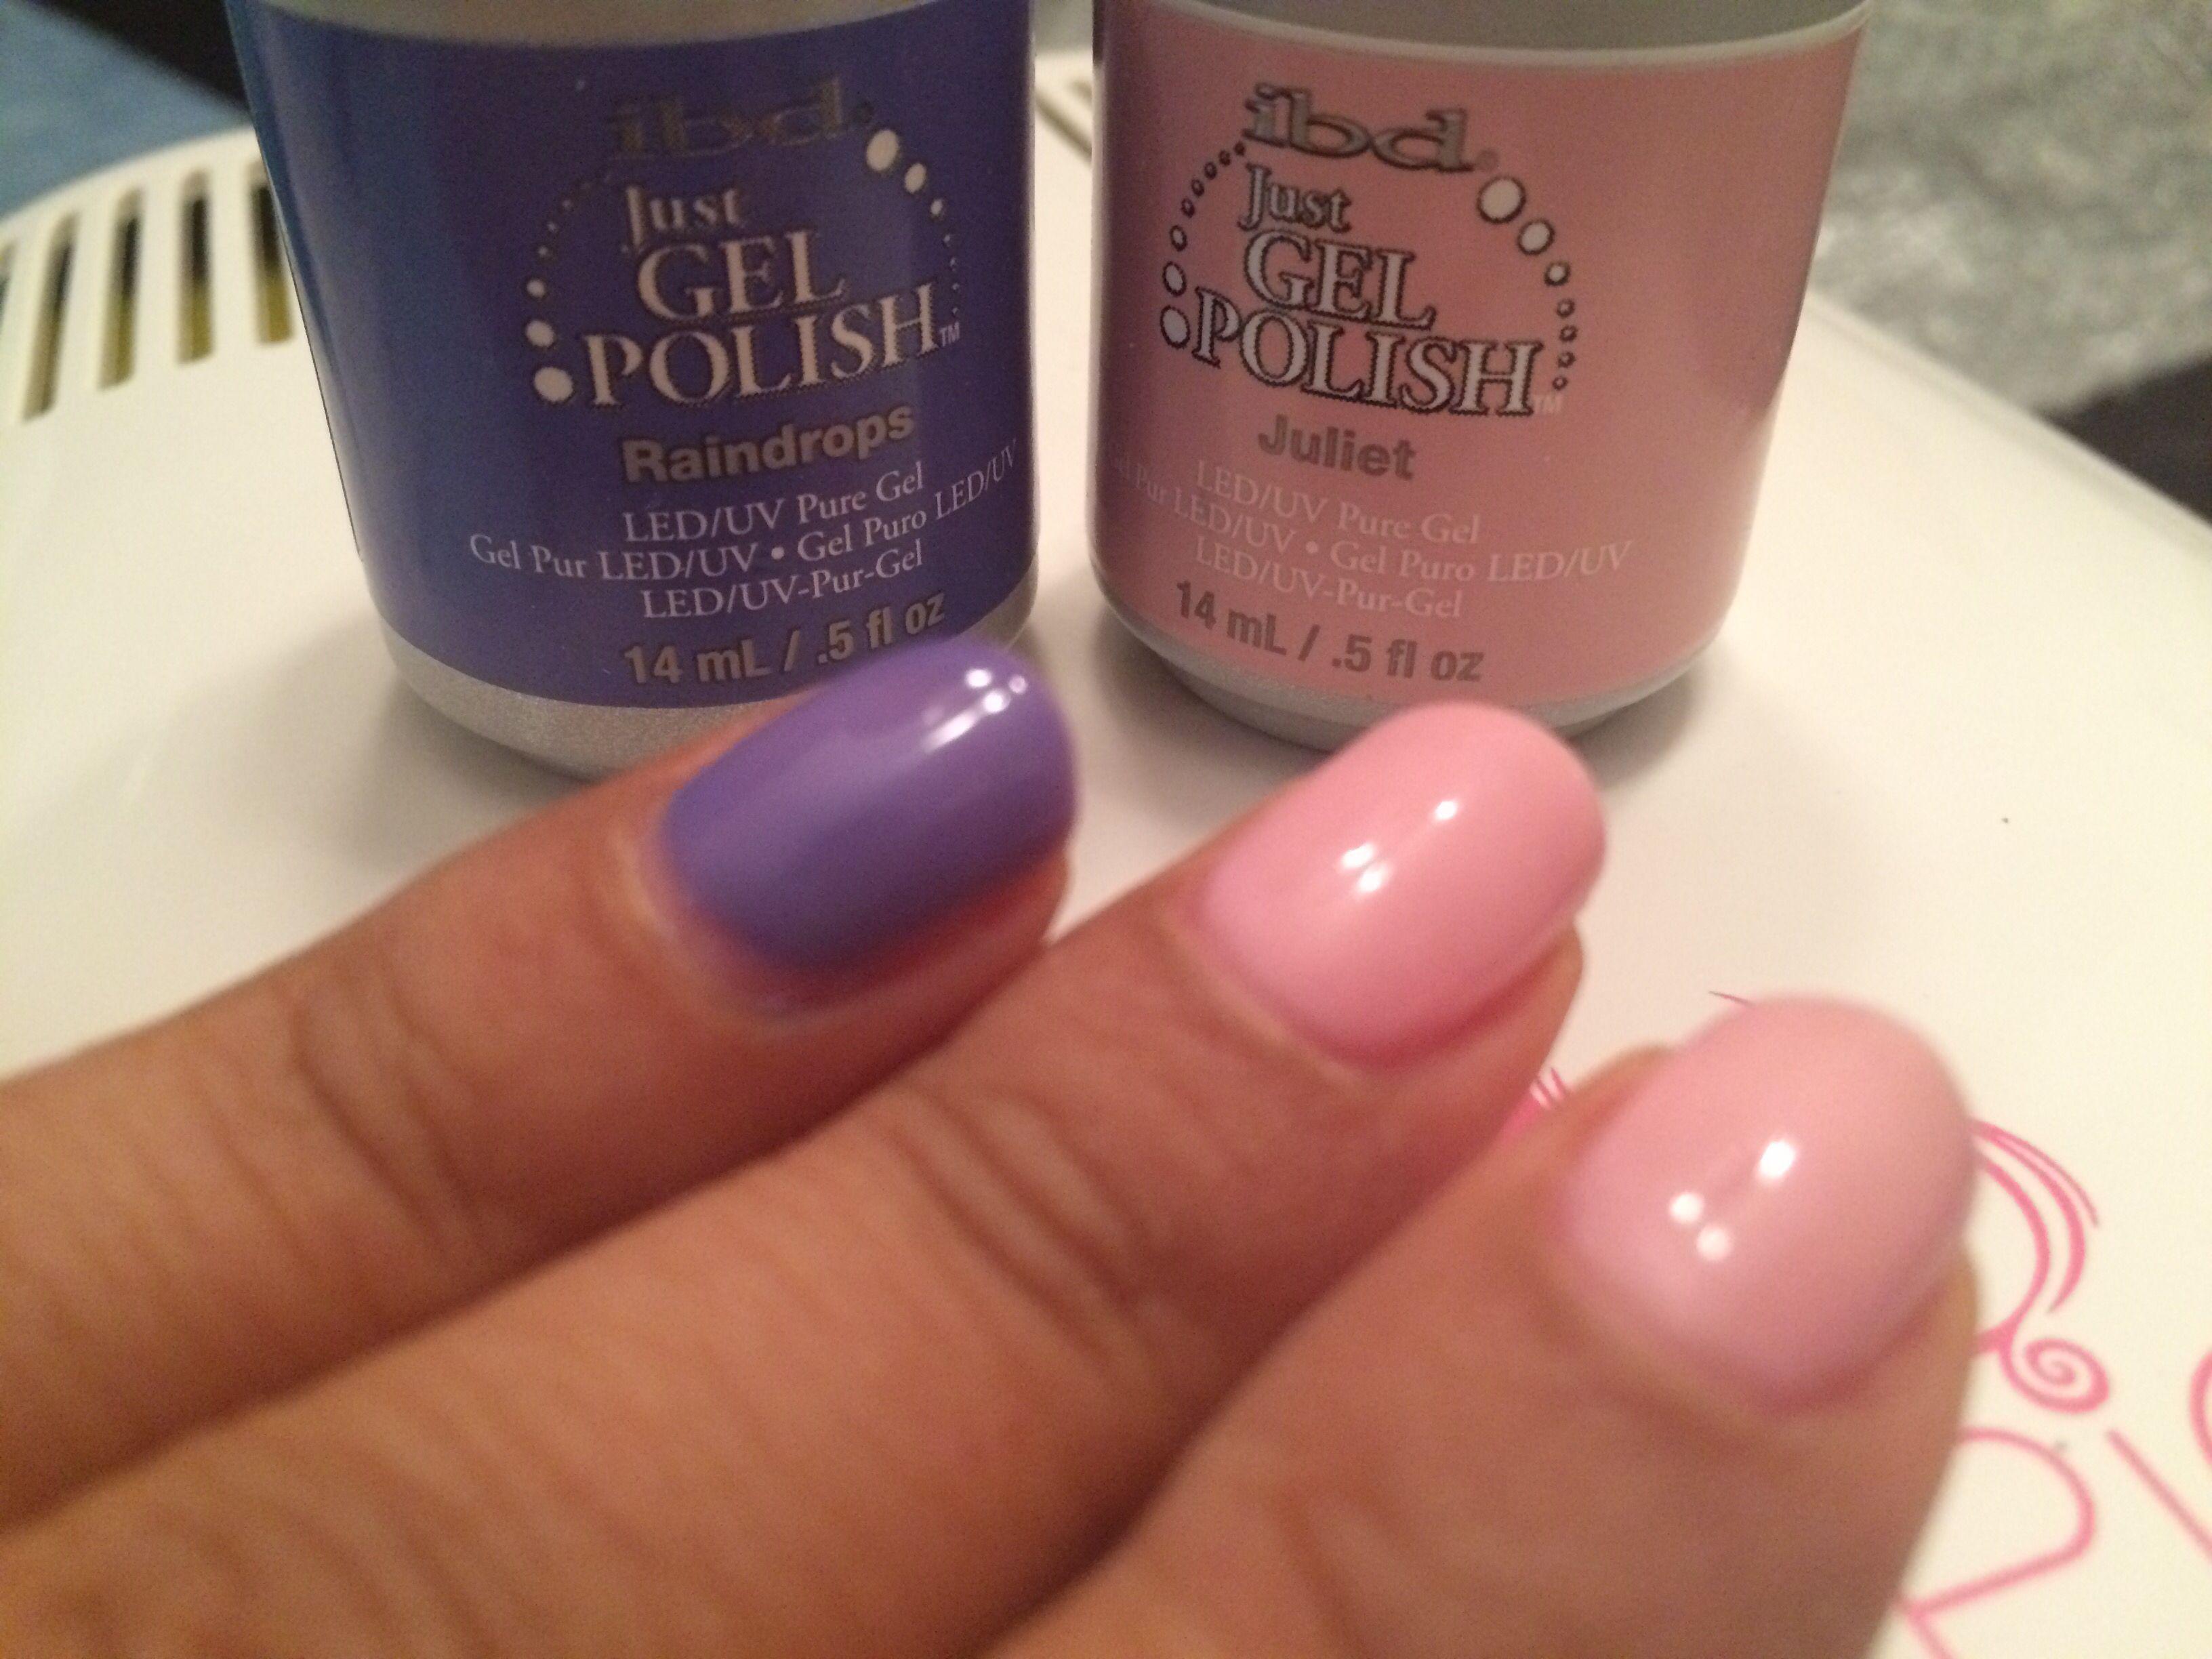 Juliet and raindrops ibd gel nails diy ibd gel nails pinterest explore diy gel nails and more juliet and raindrops ibd gel nails solutioingenieria Images